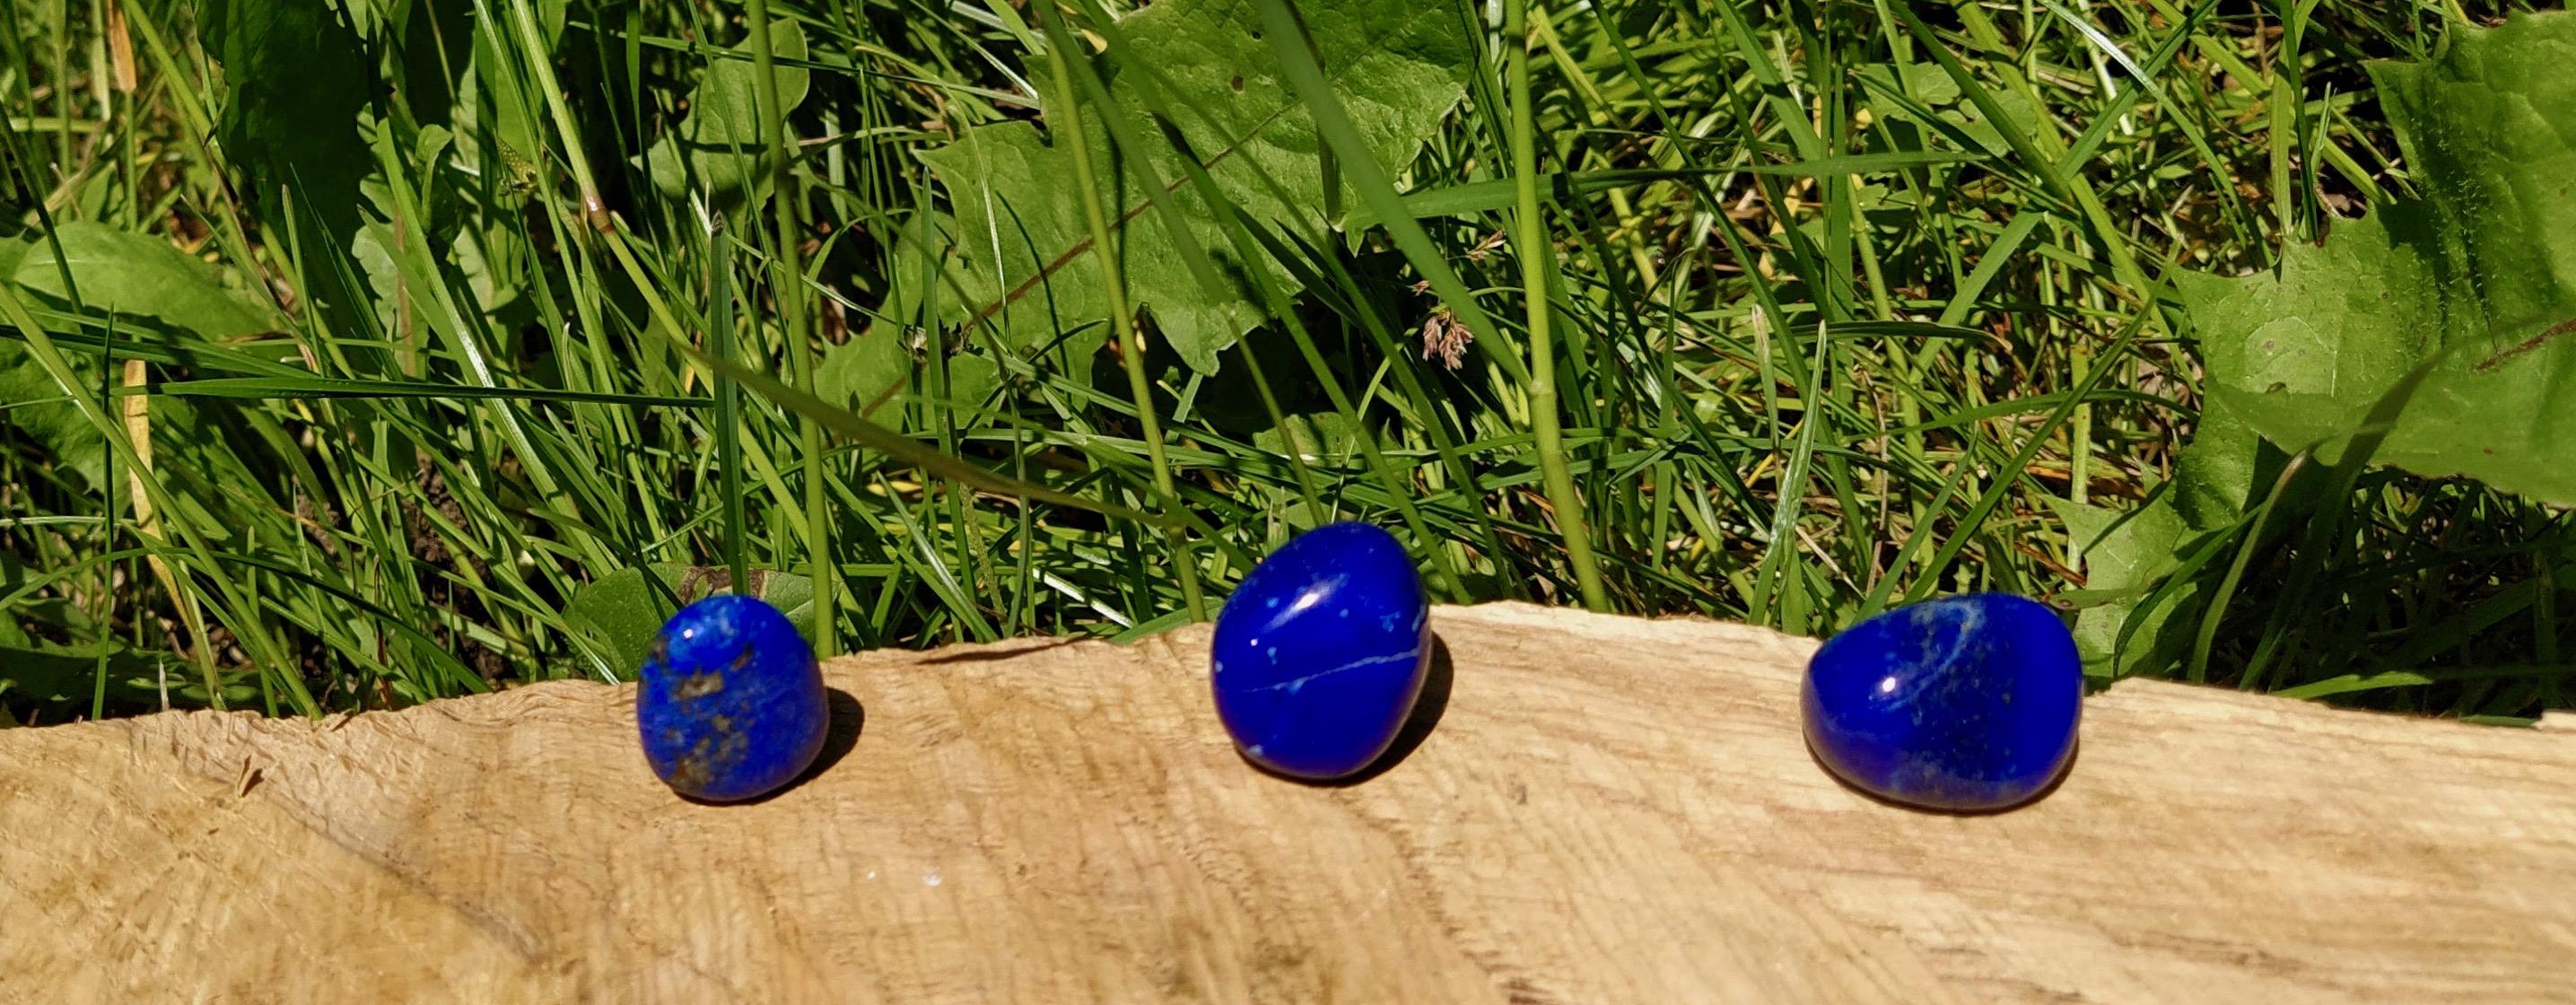 Čištění a nabíjení kamenů – Lapis lazuli